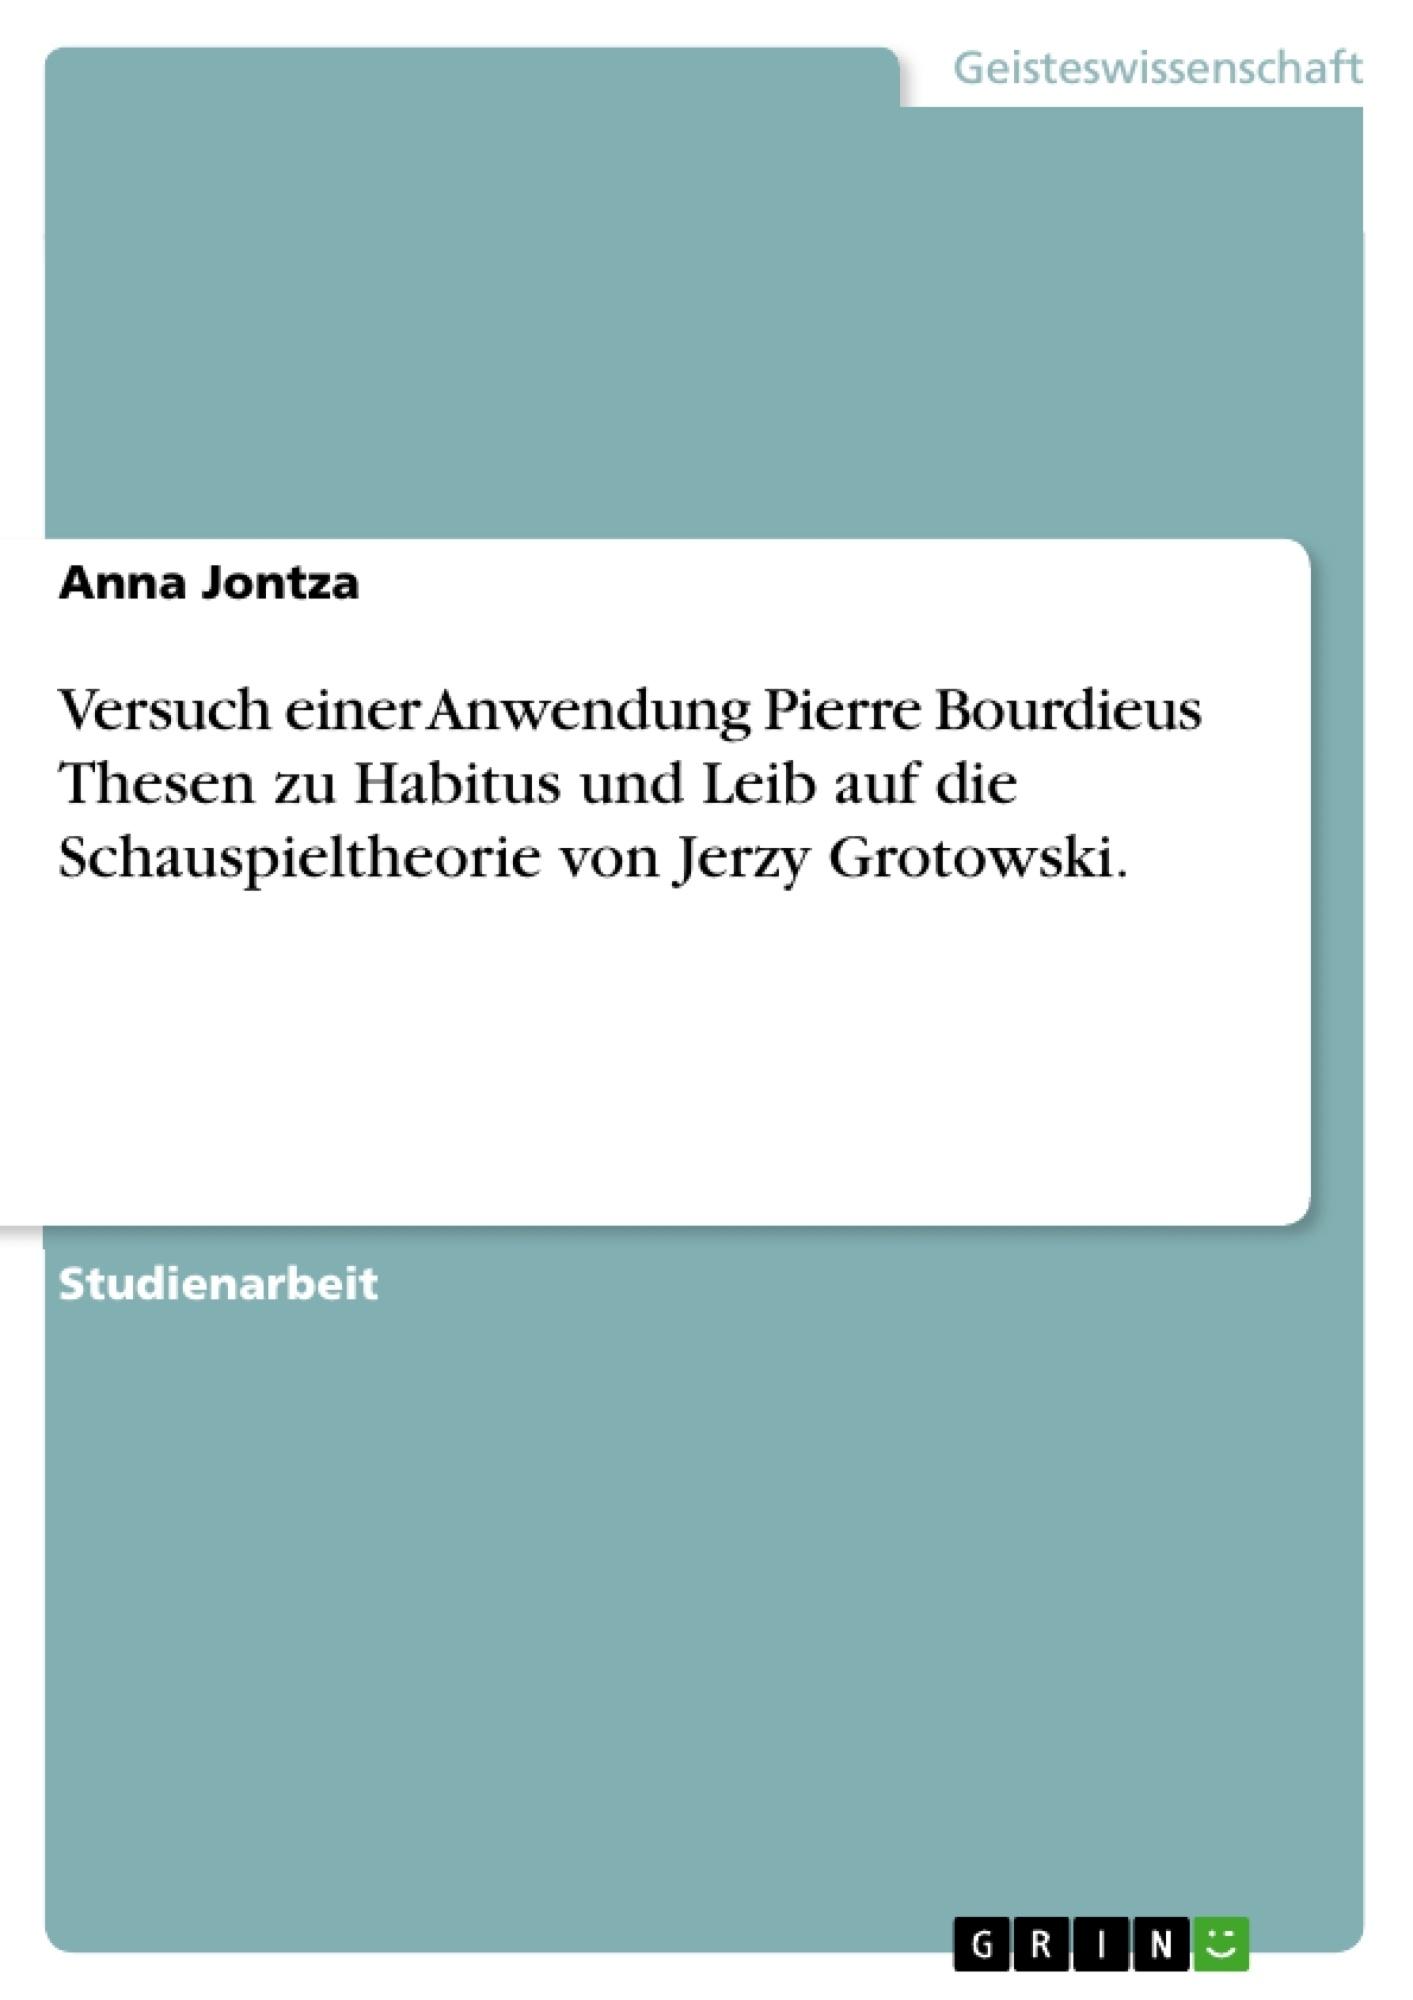 Titel: Versuch einer Anwendung Pierre Bourdieus Thesen zu Habitus und Leib auf die Schauspieltheorie von Jerzy Grotowski.